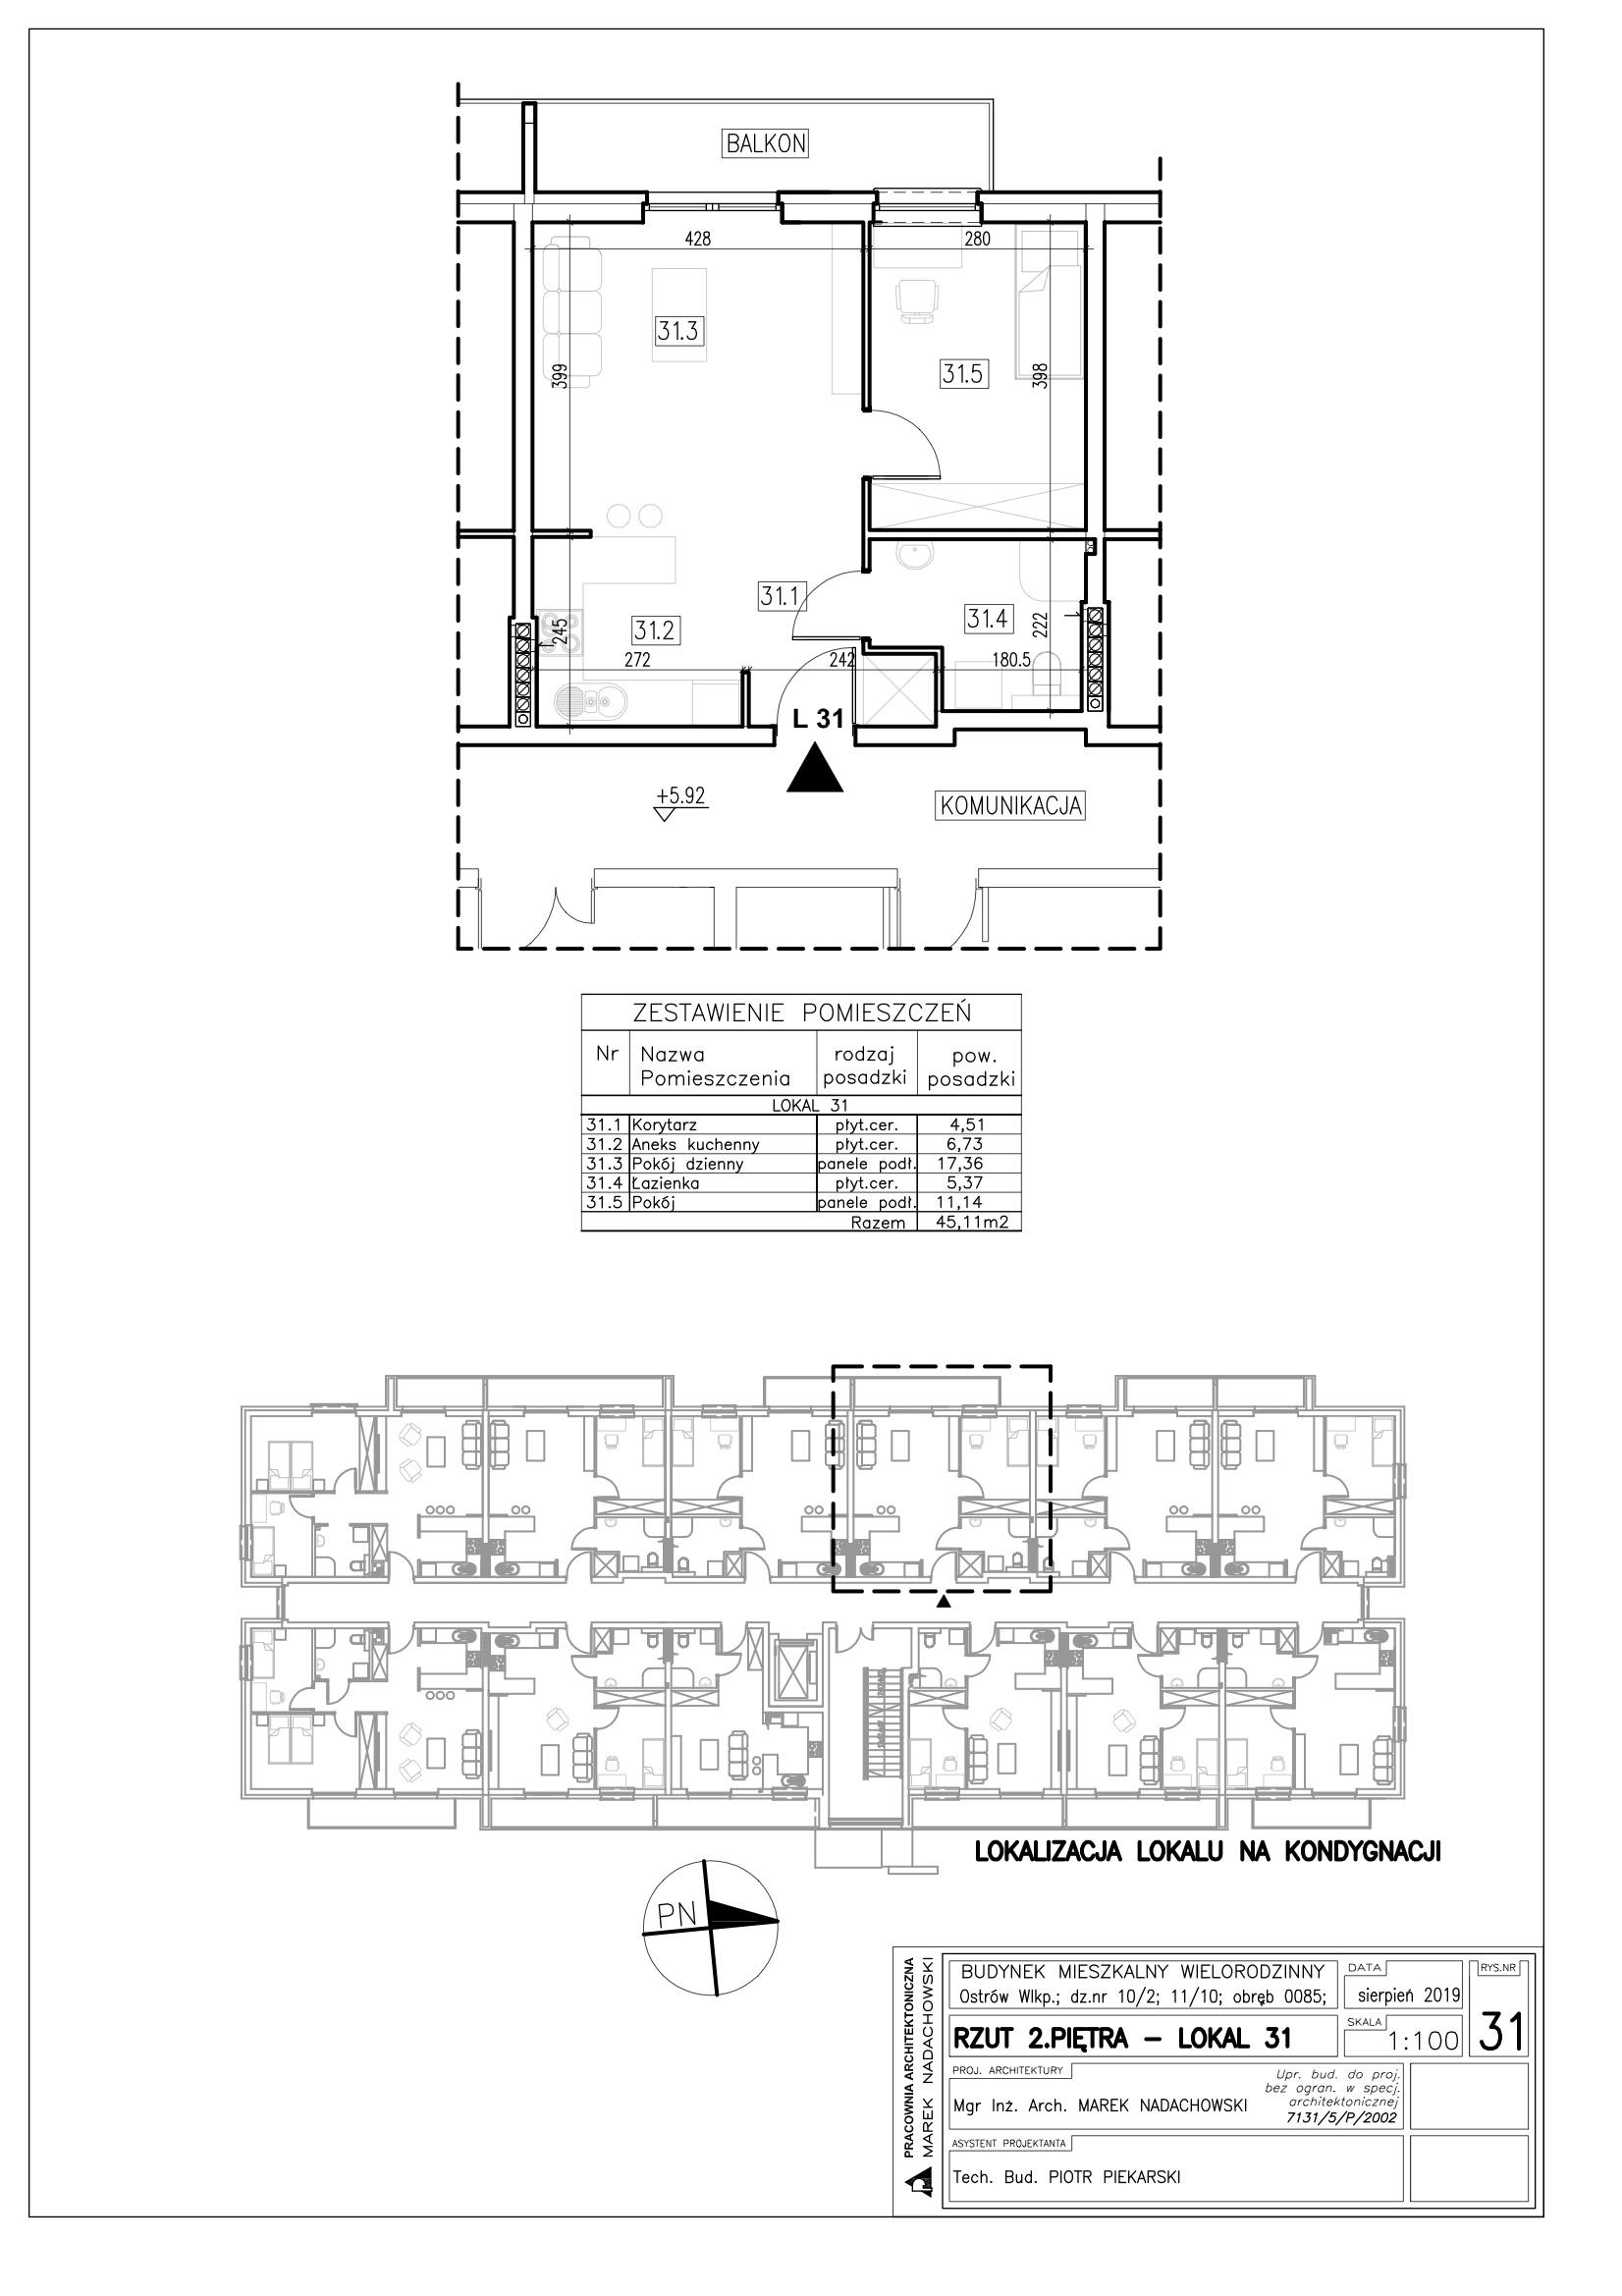 Lokal nr 31 powierzchnia 45,11m2